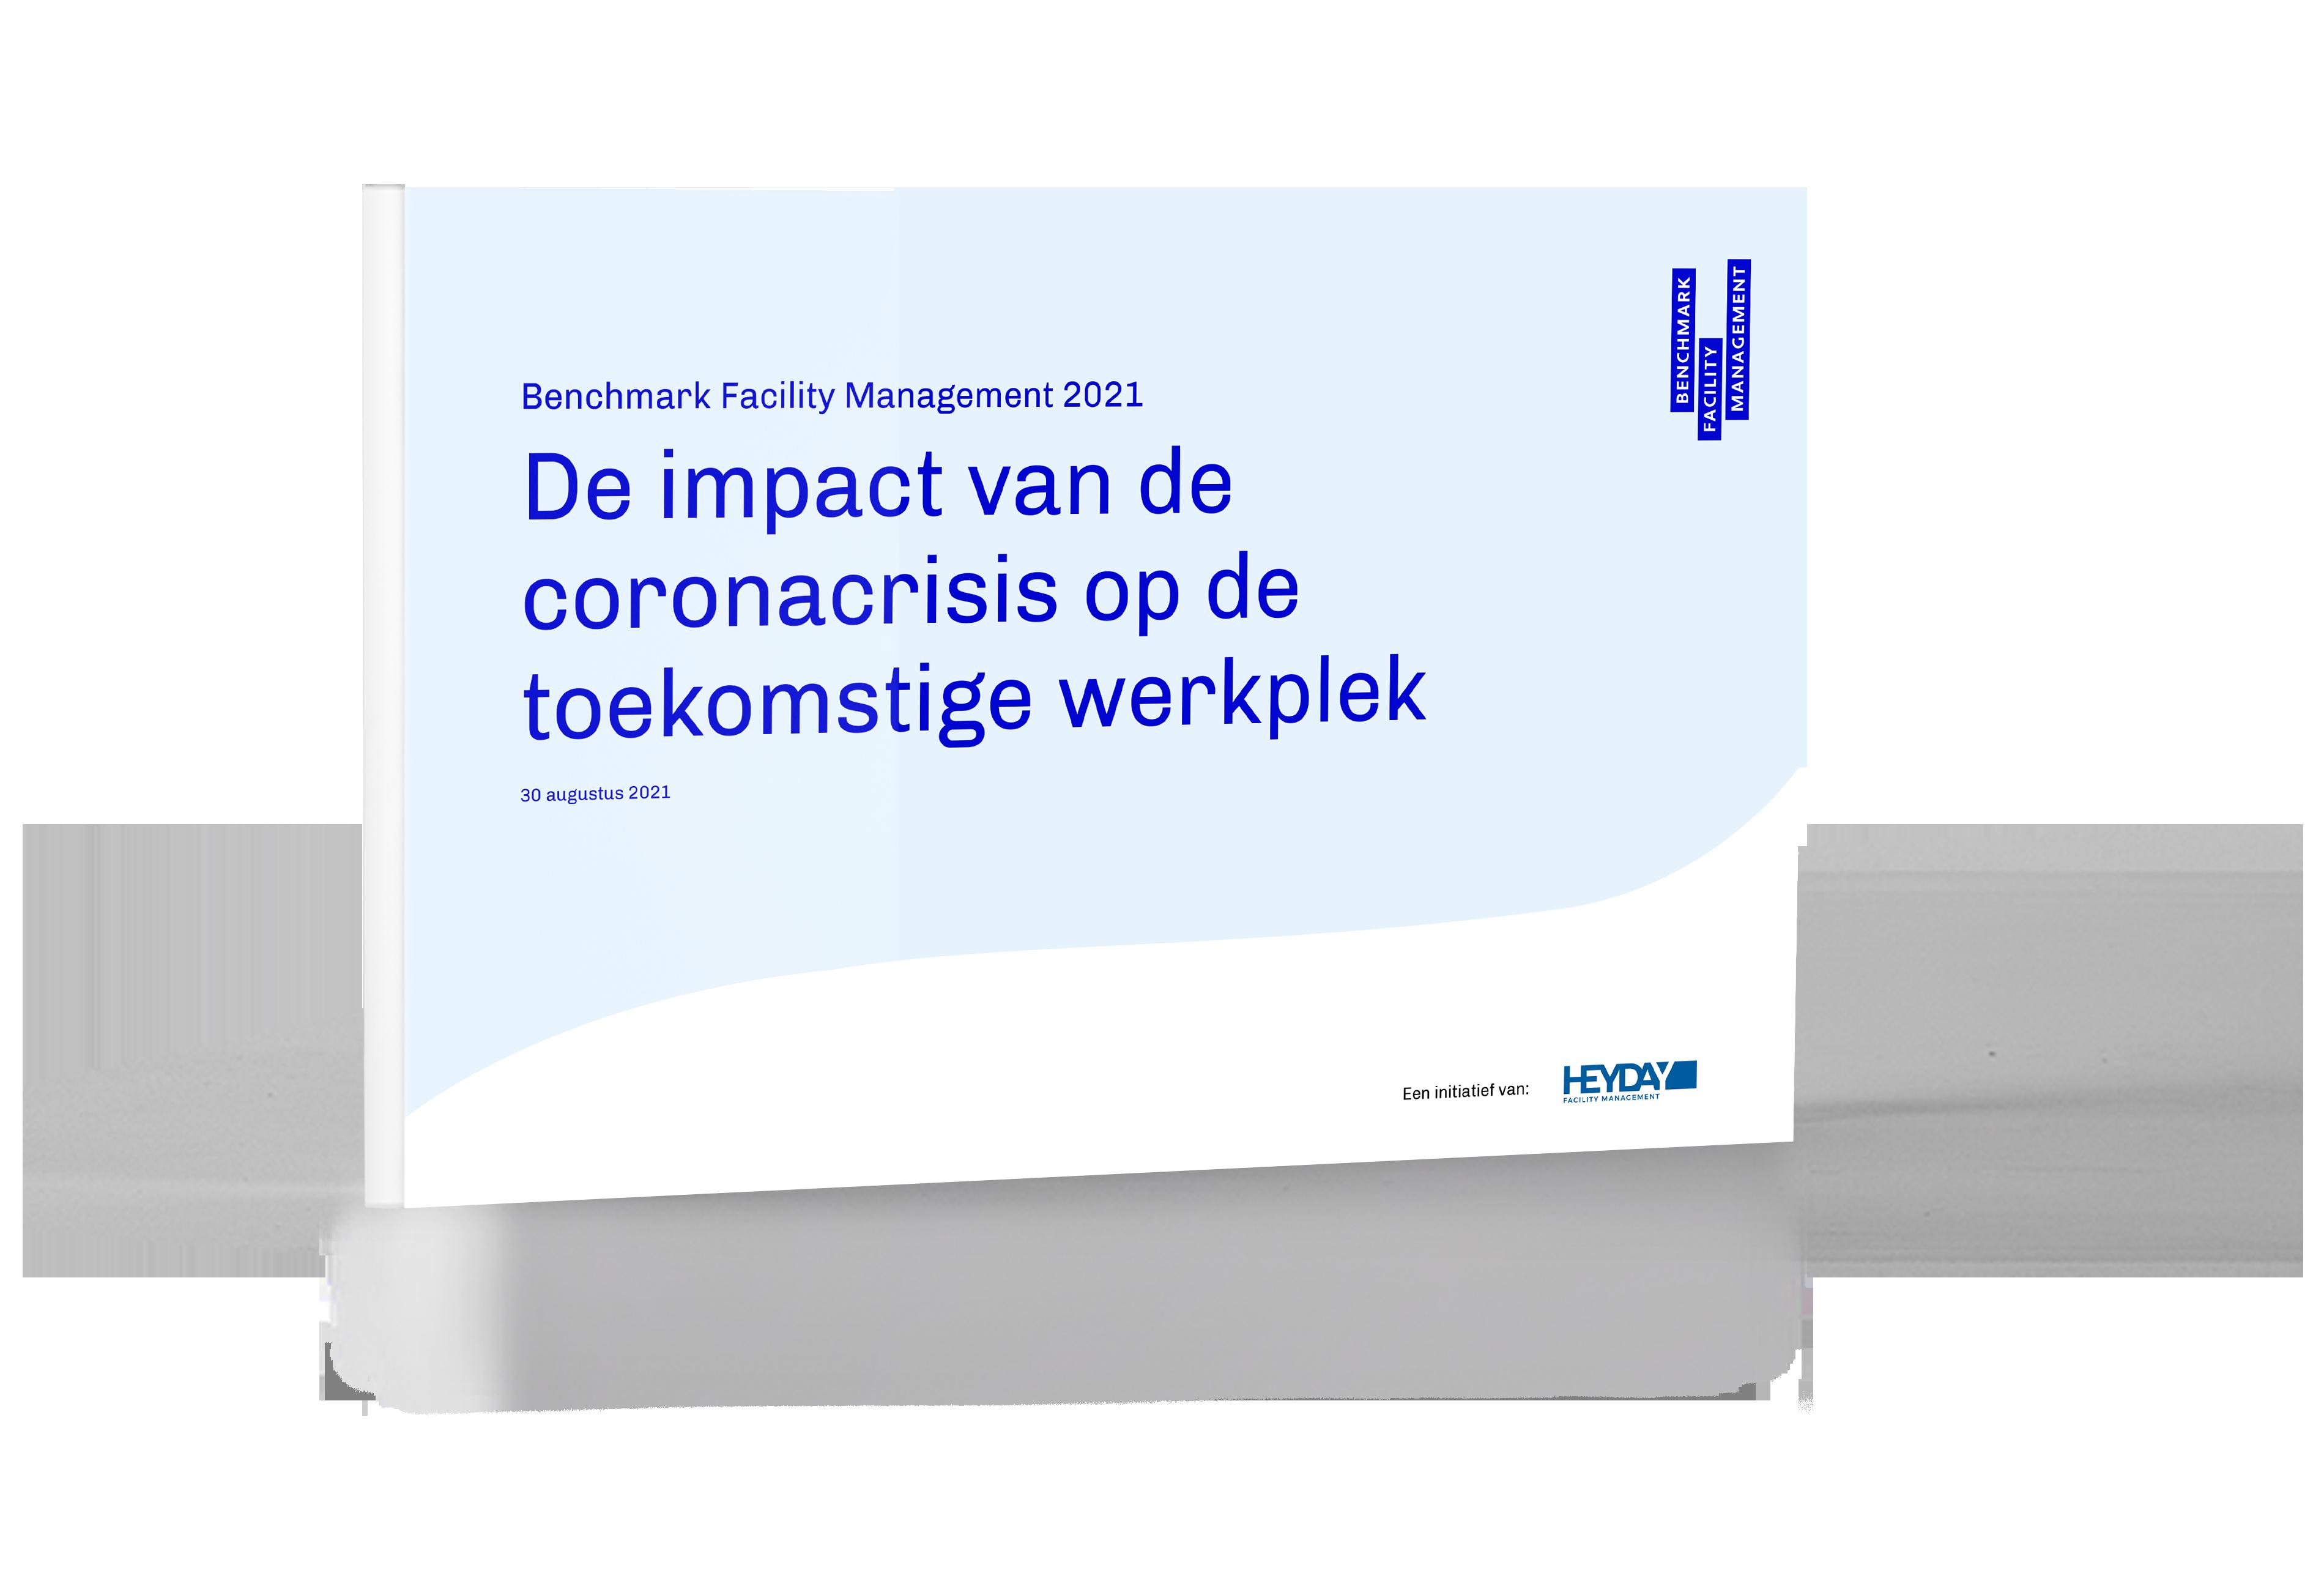 Nederlandse medewerkers actief betrokken bij het vormgeven van de ideale werkplek